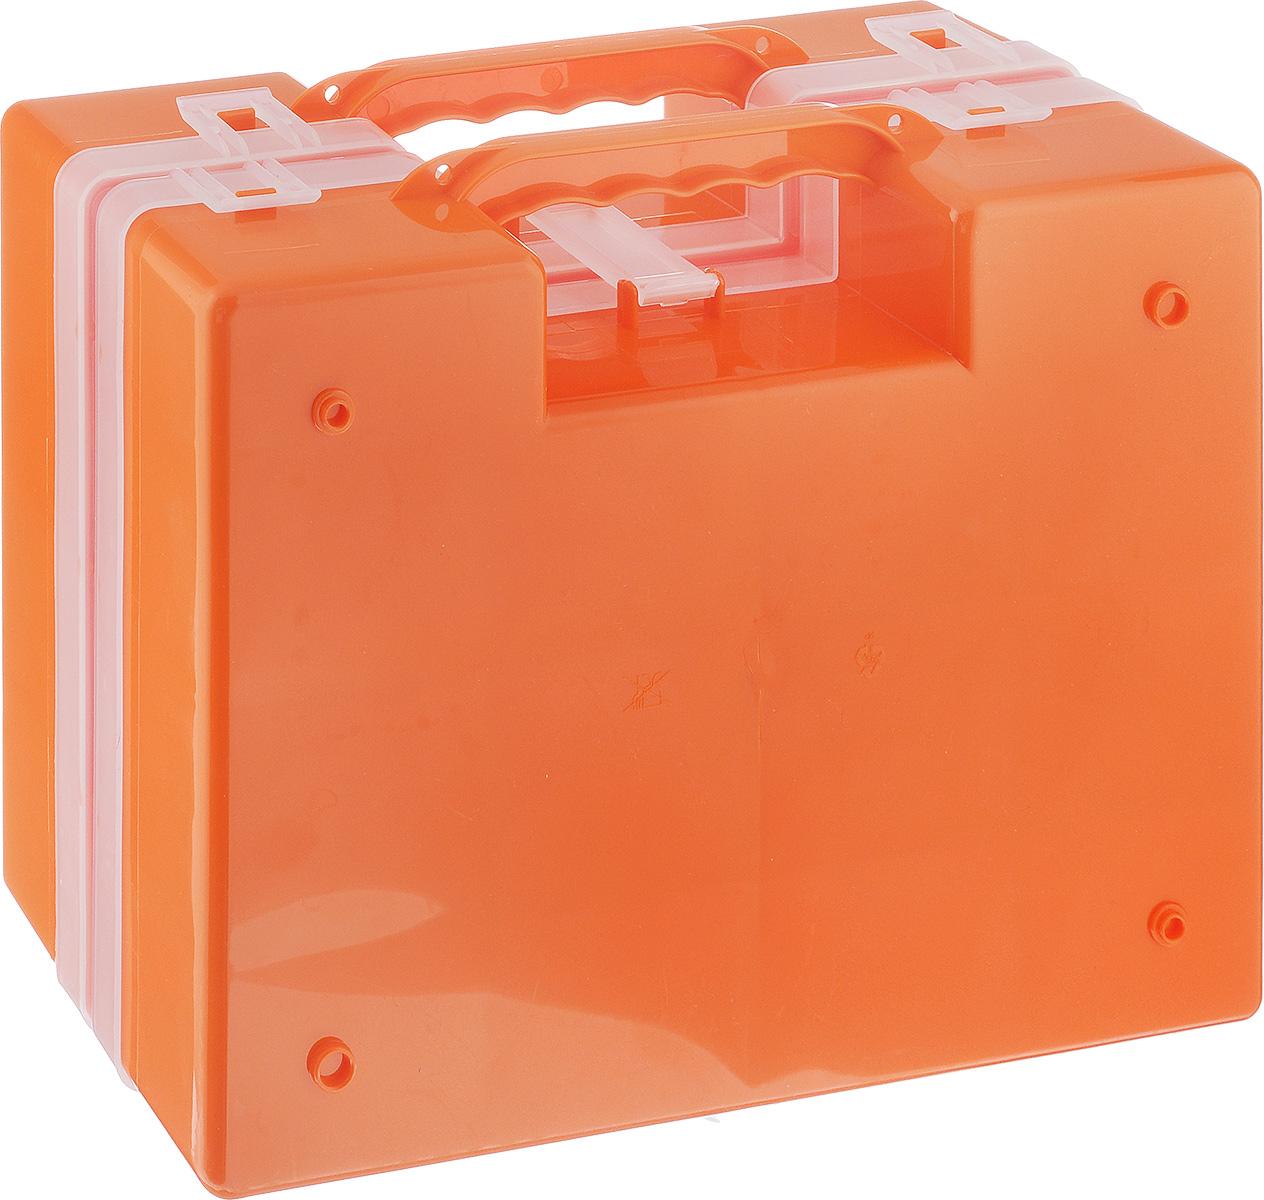 Органайзер Idea, двойной, цвет: оранжевый, 27,2 х 21,7 х 10 см органайзер кухонный idea цвет салатовый 19 х 25 х 14 5 см